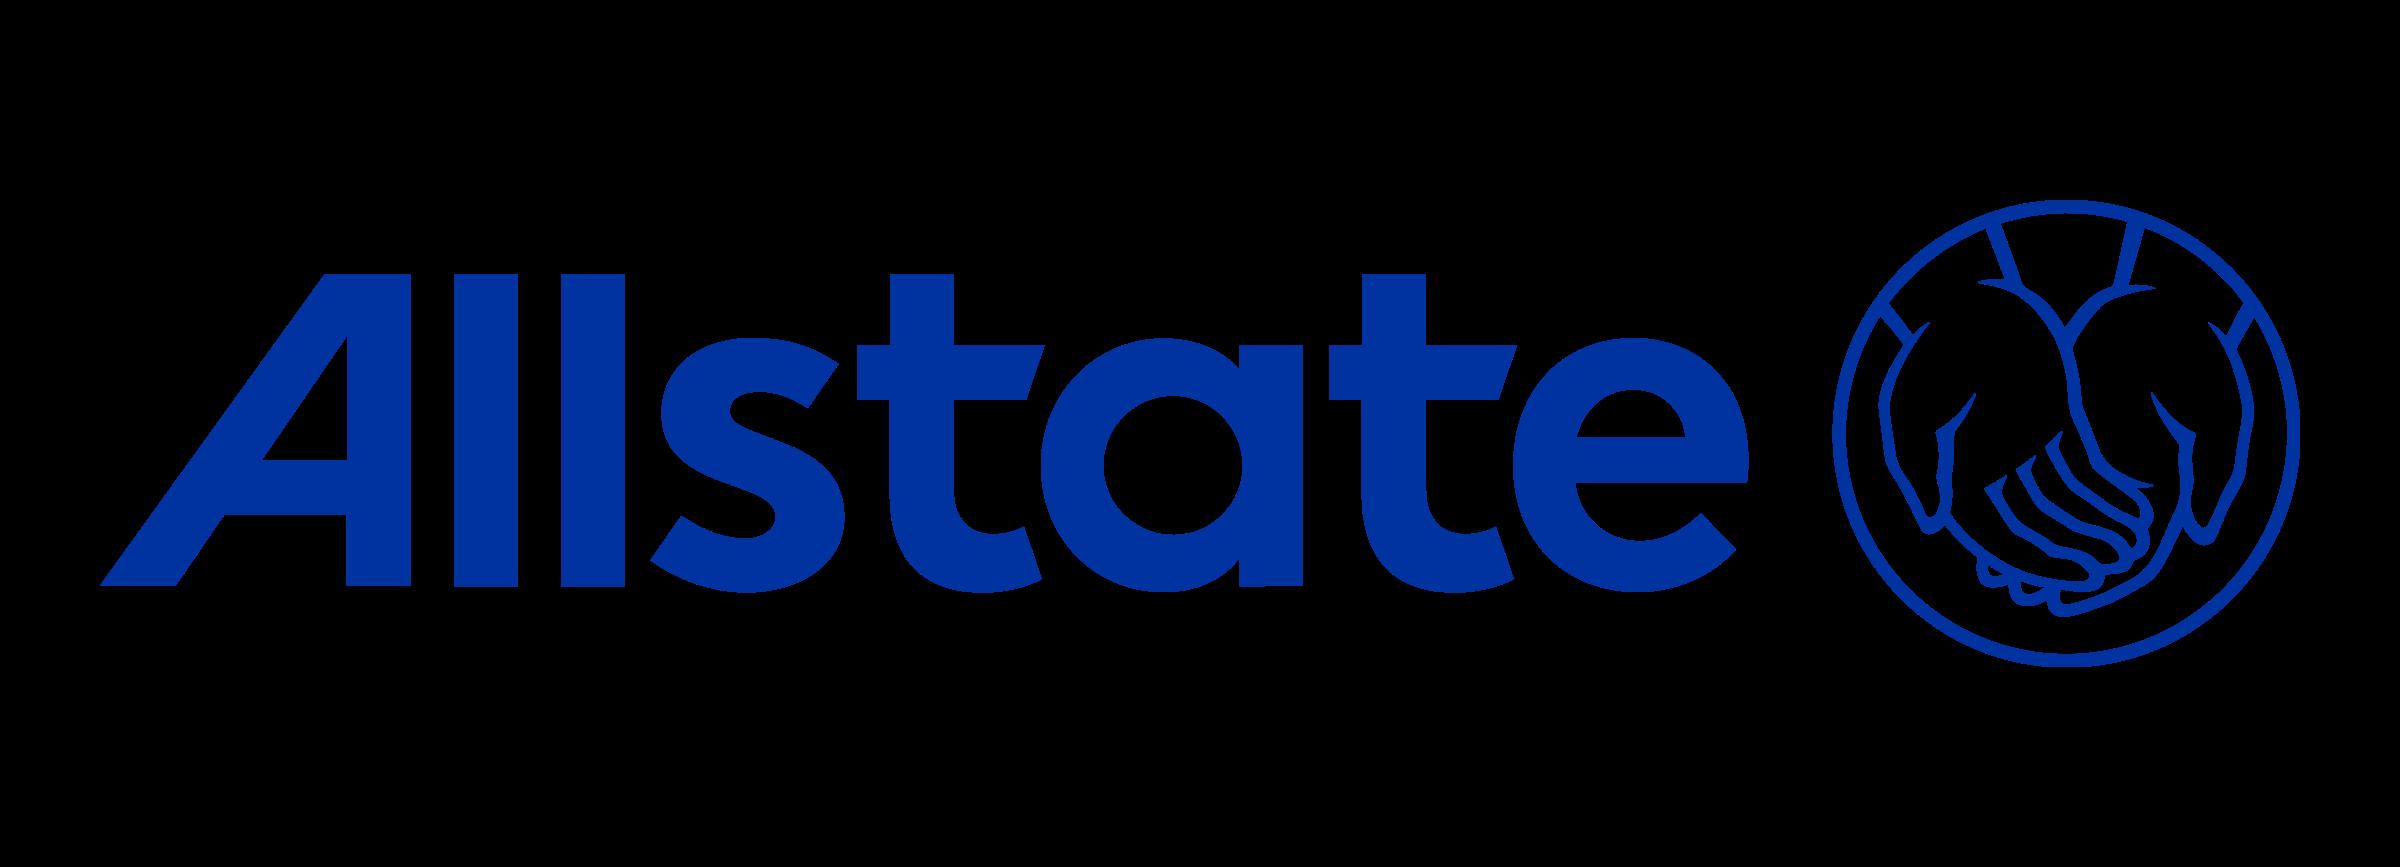 allstate logos rh logolynx com Allstate Logo Transparent allstate insurance logos